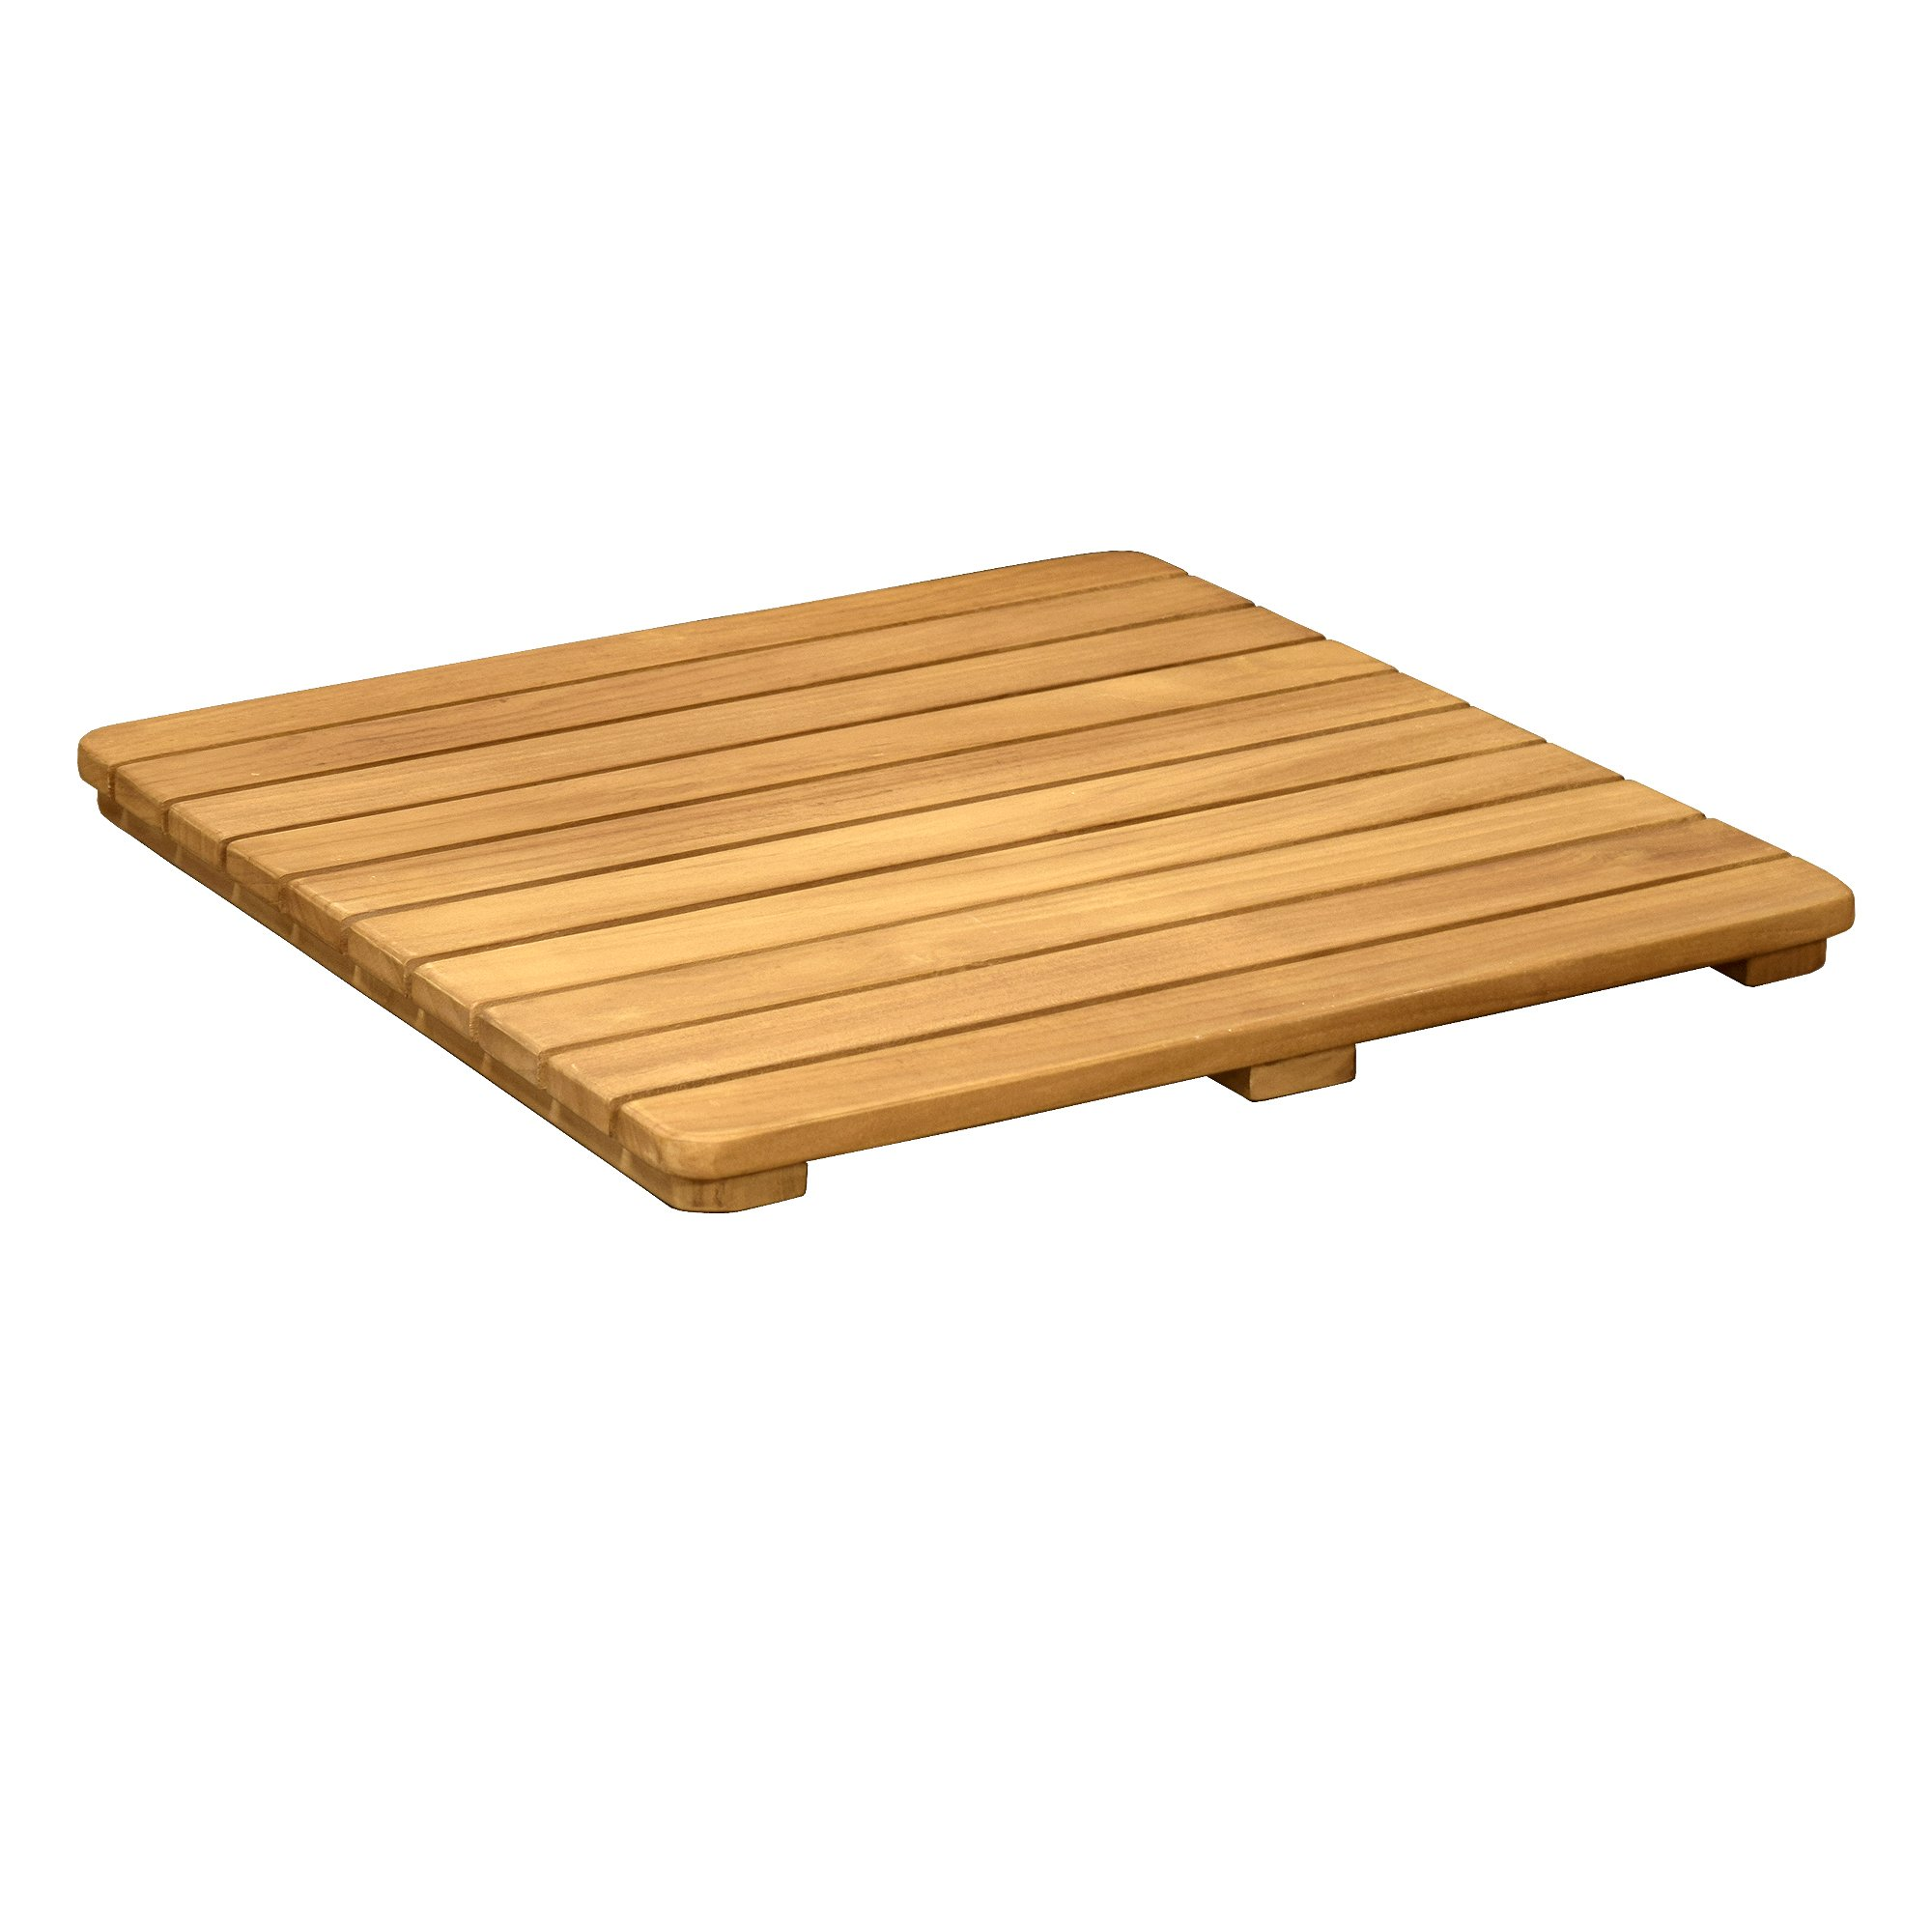 Asta Spa Teak Indoor/Outdoor Bath, Shower and Floor Teak Mat with Rounded Corners (20'' x 20'')